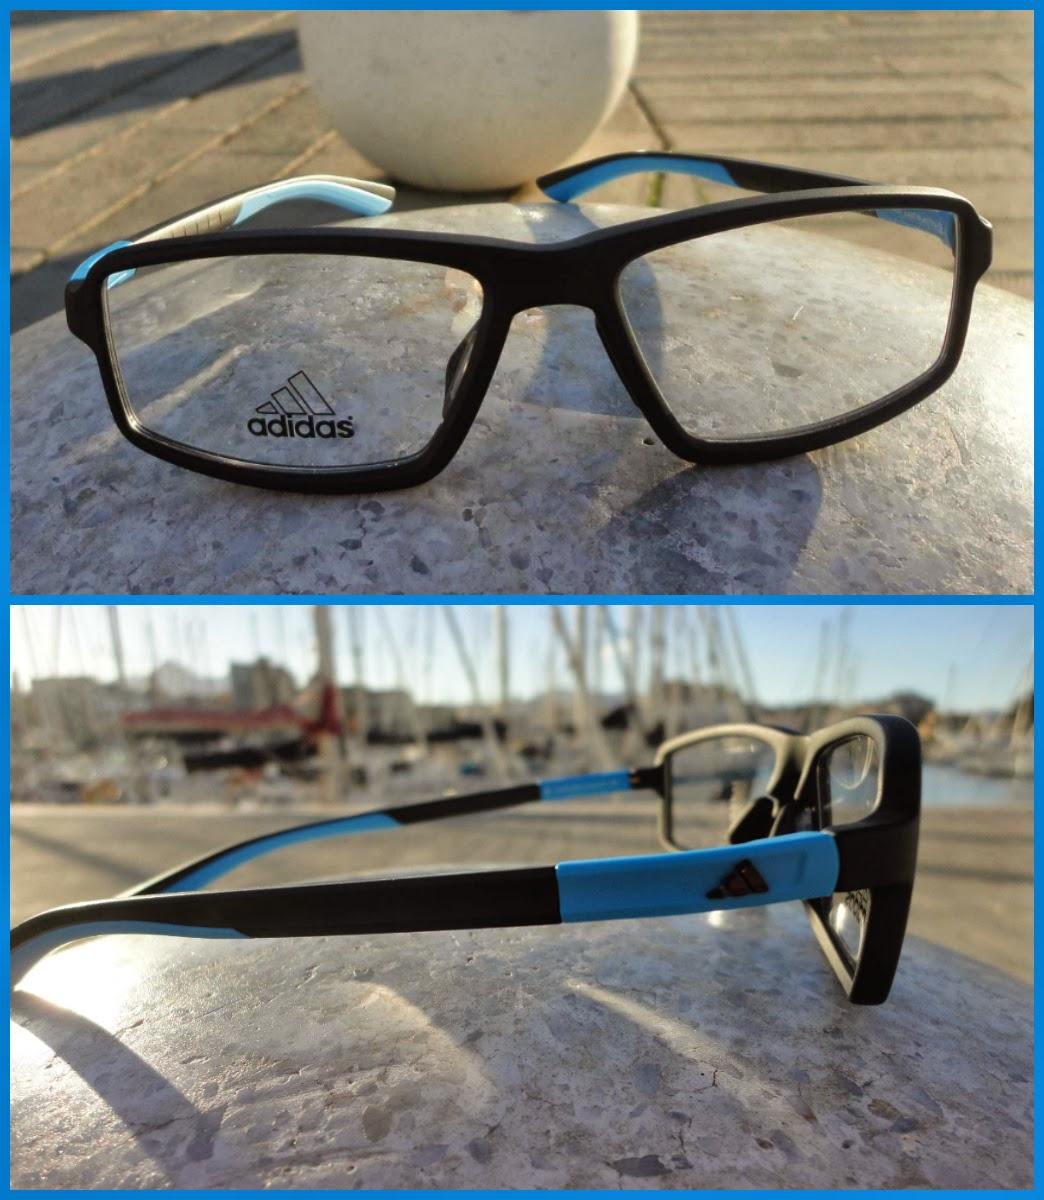 occhiali da vista adidas